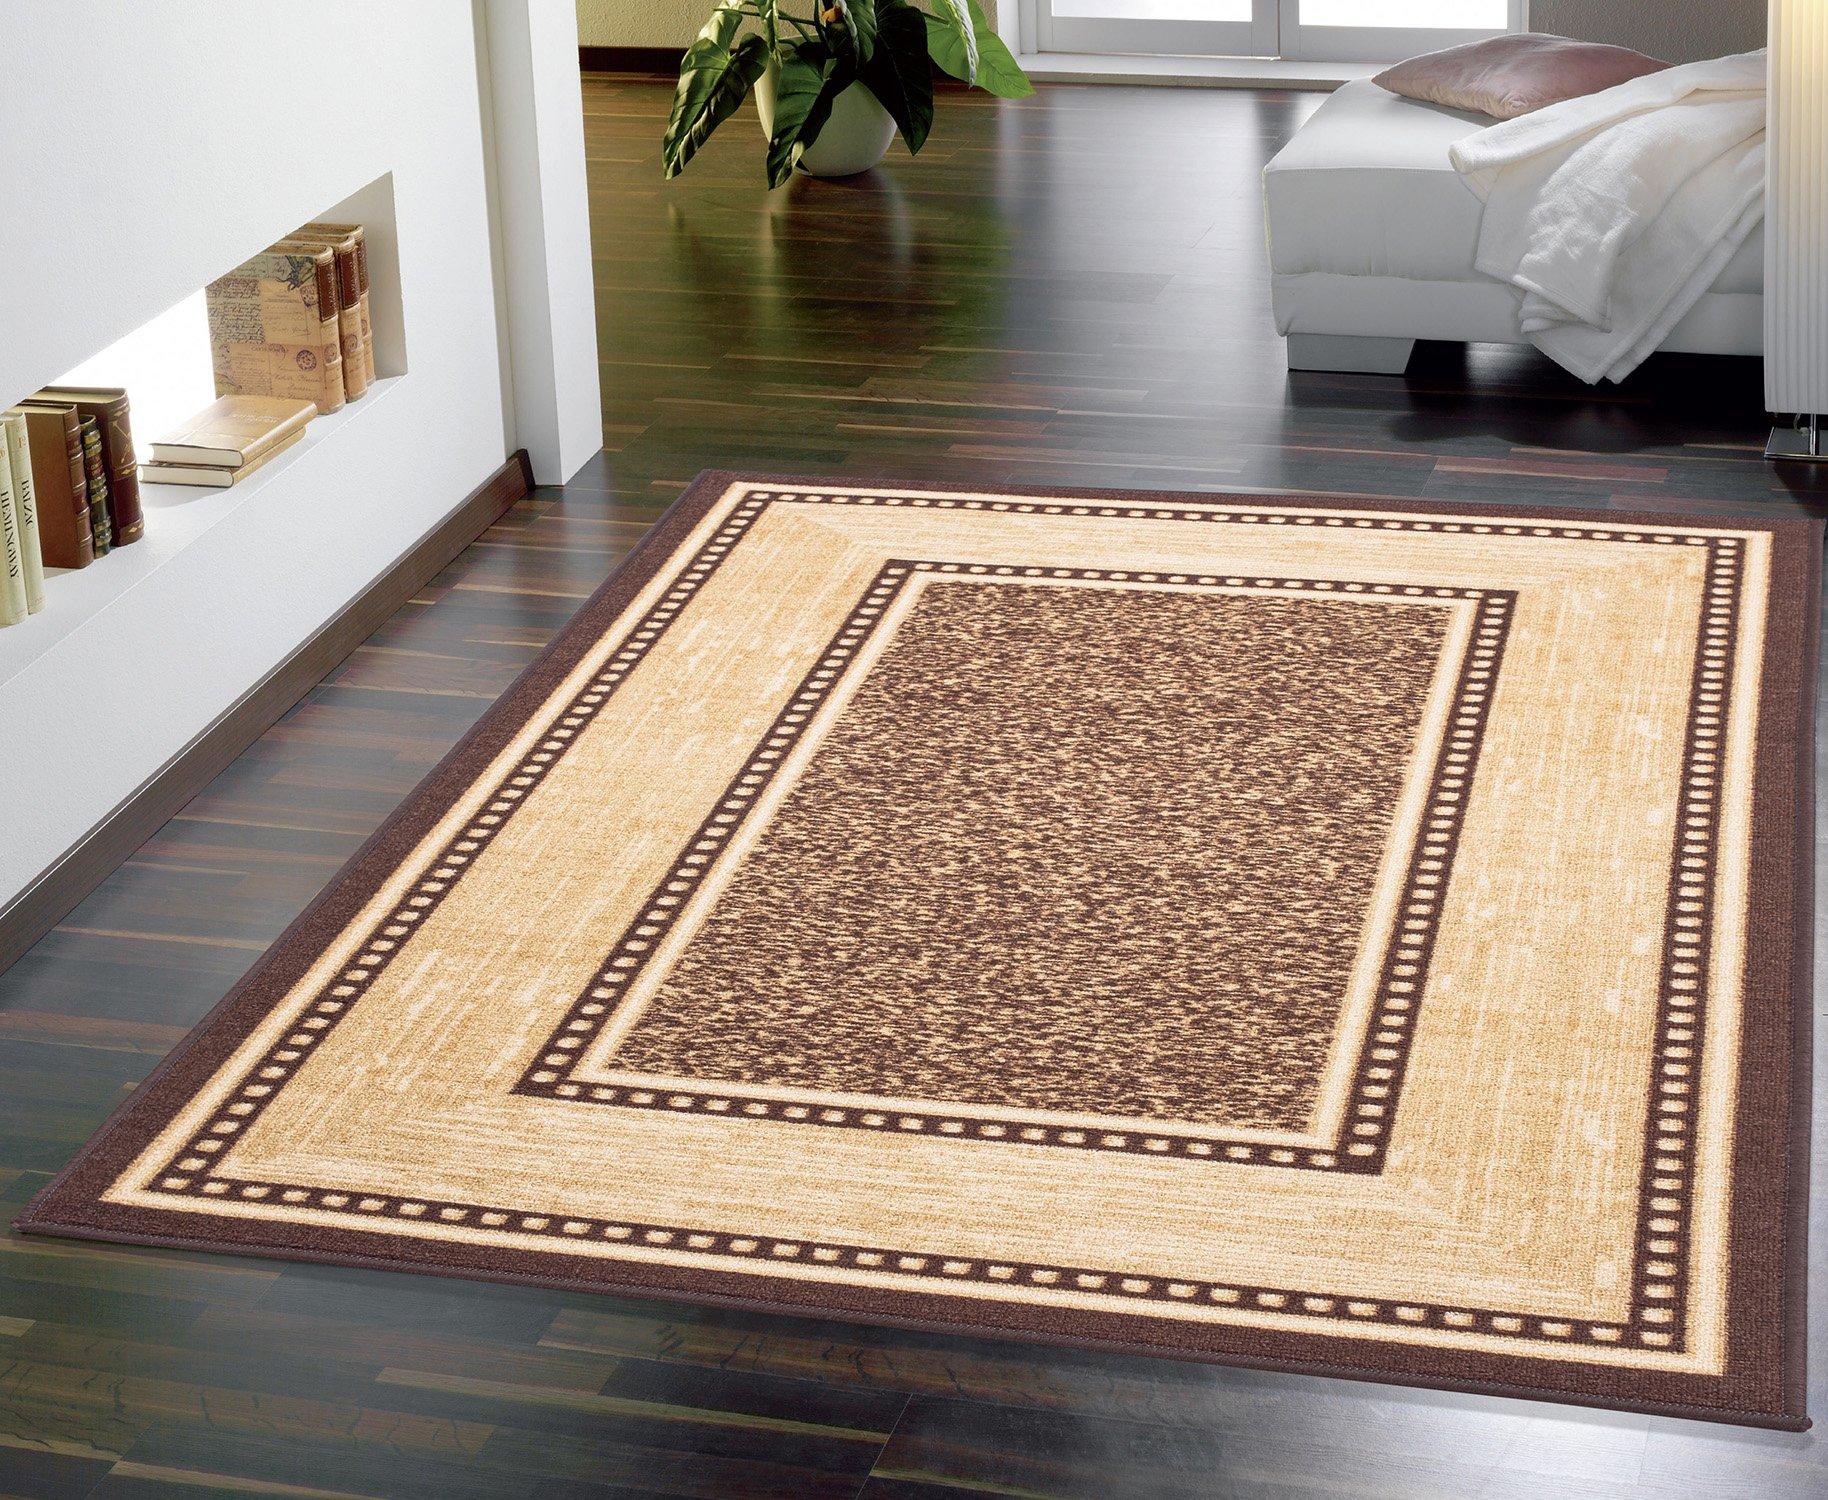 Ottomanson Contemporary Bordered Design Modern Area Rug, 5' W x 6'6'' L, Choclate by Ottomanson